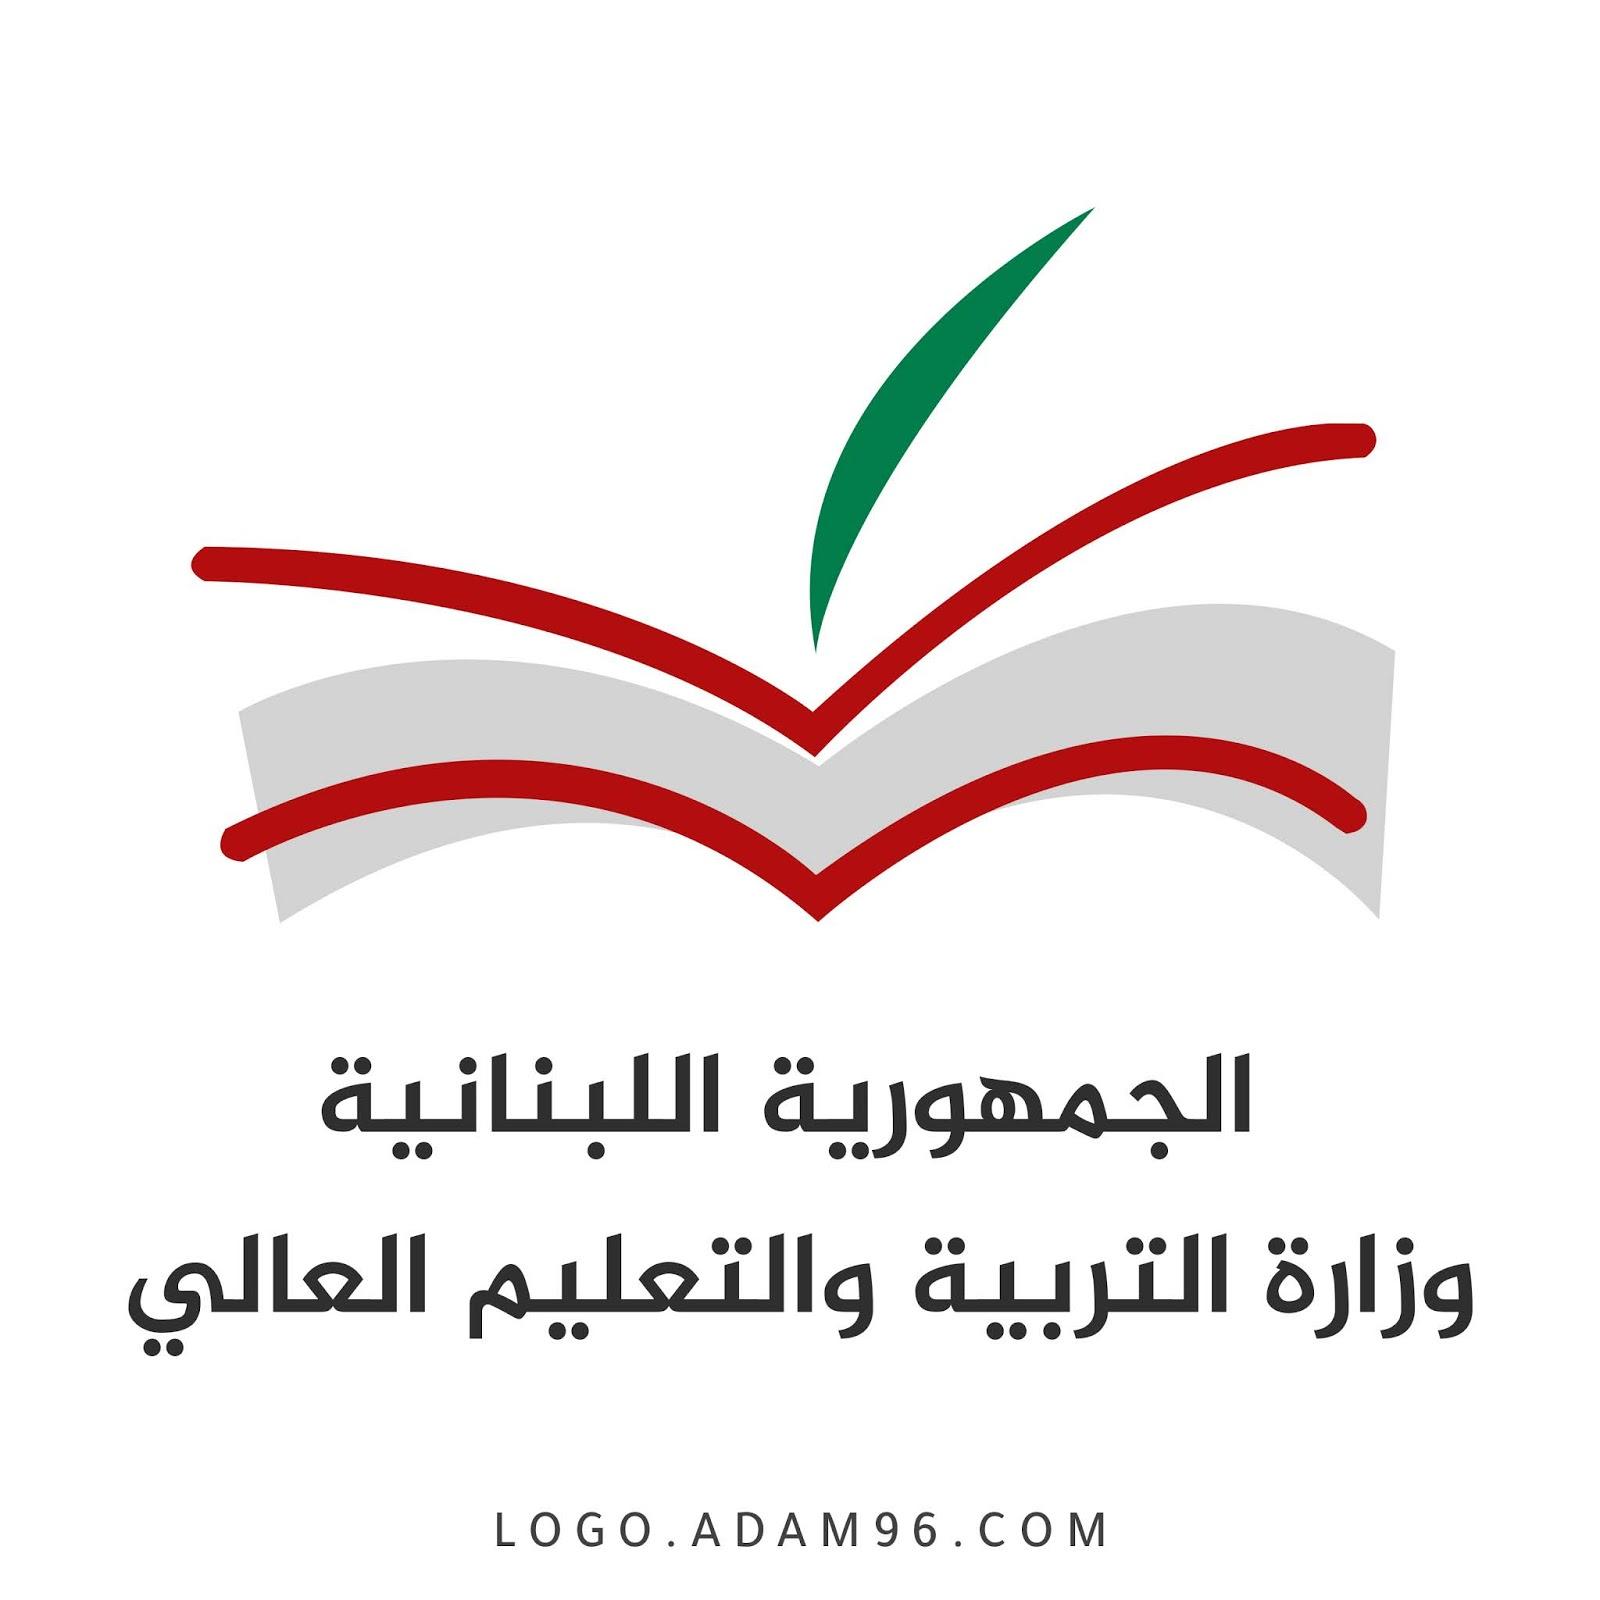 شعار الجمهورية اللبنانية وزارة التربية والتعليم العالي